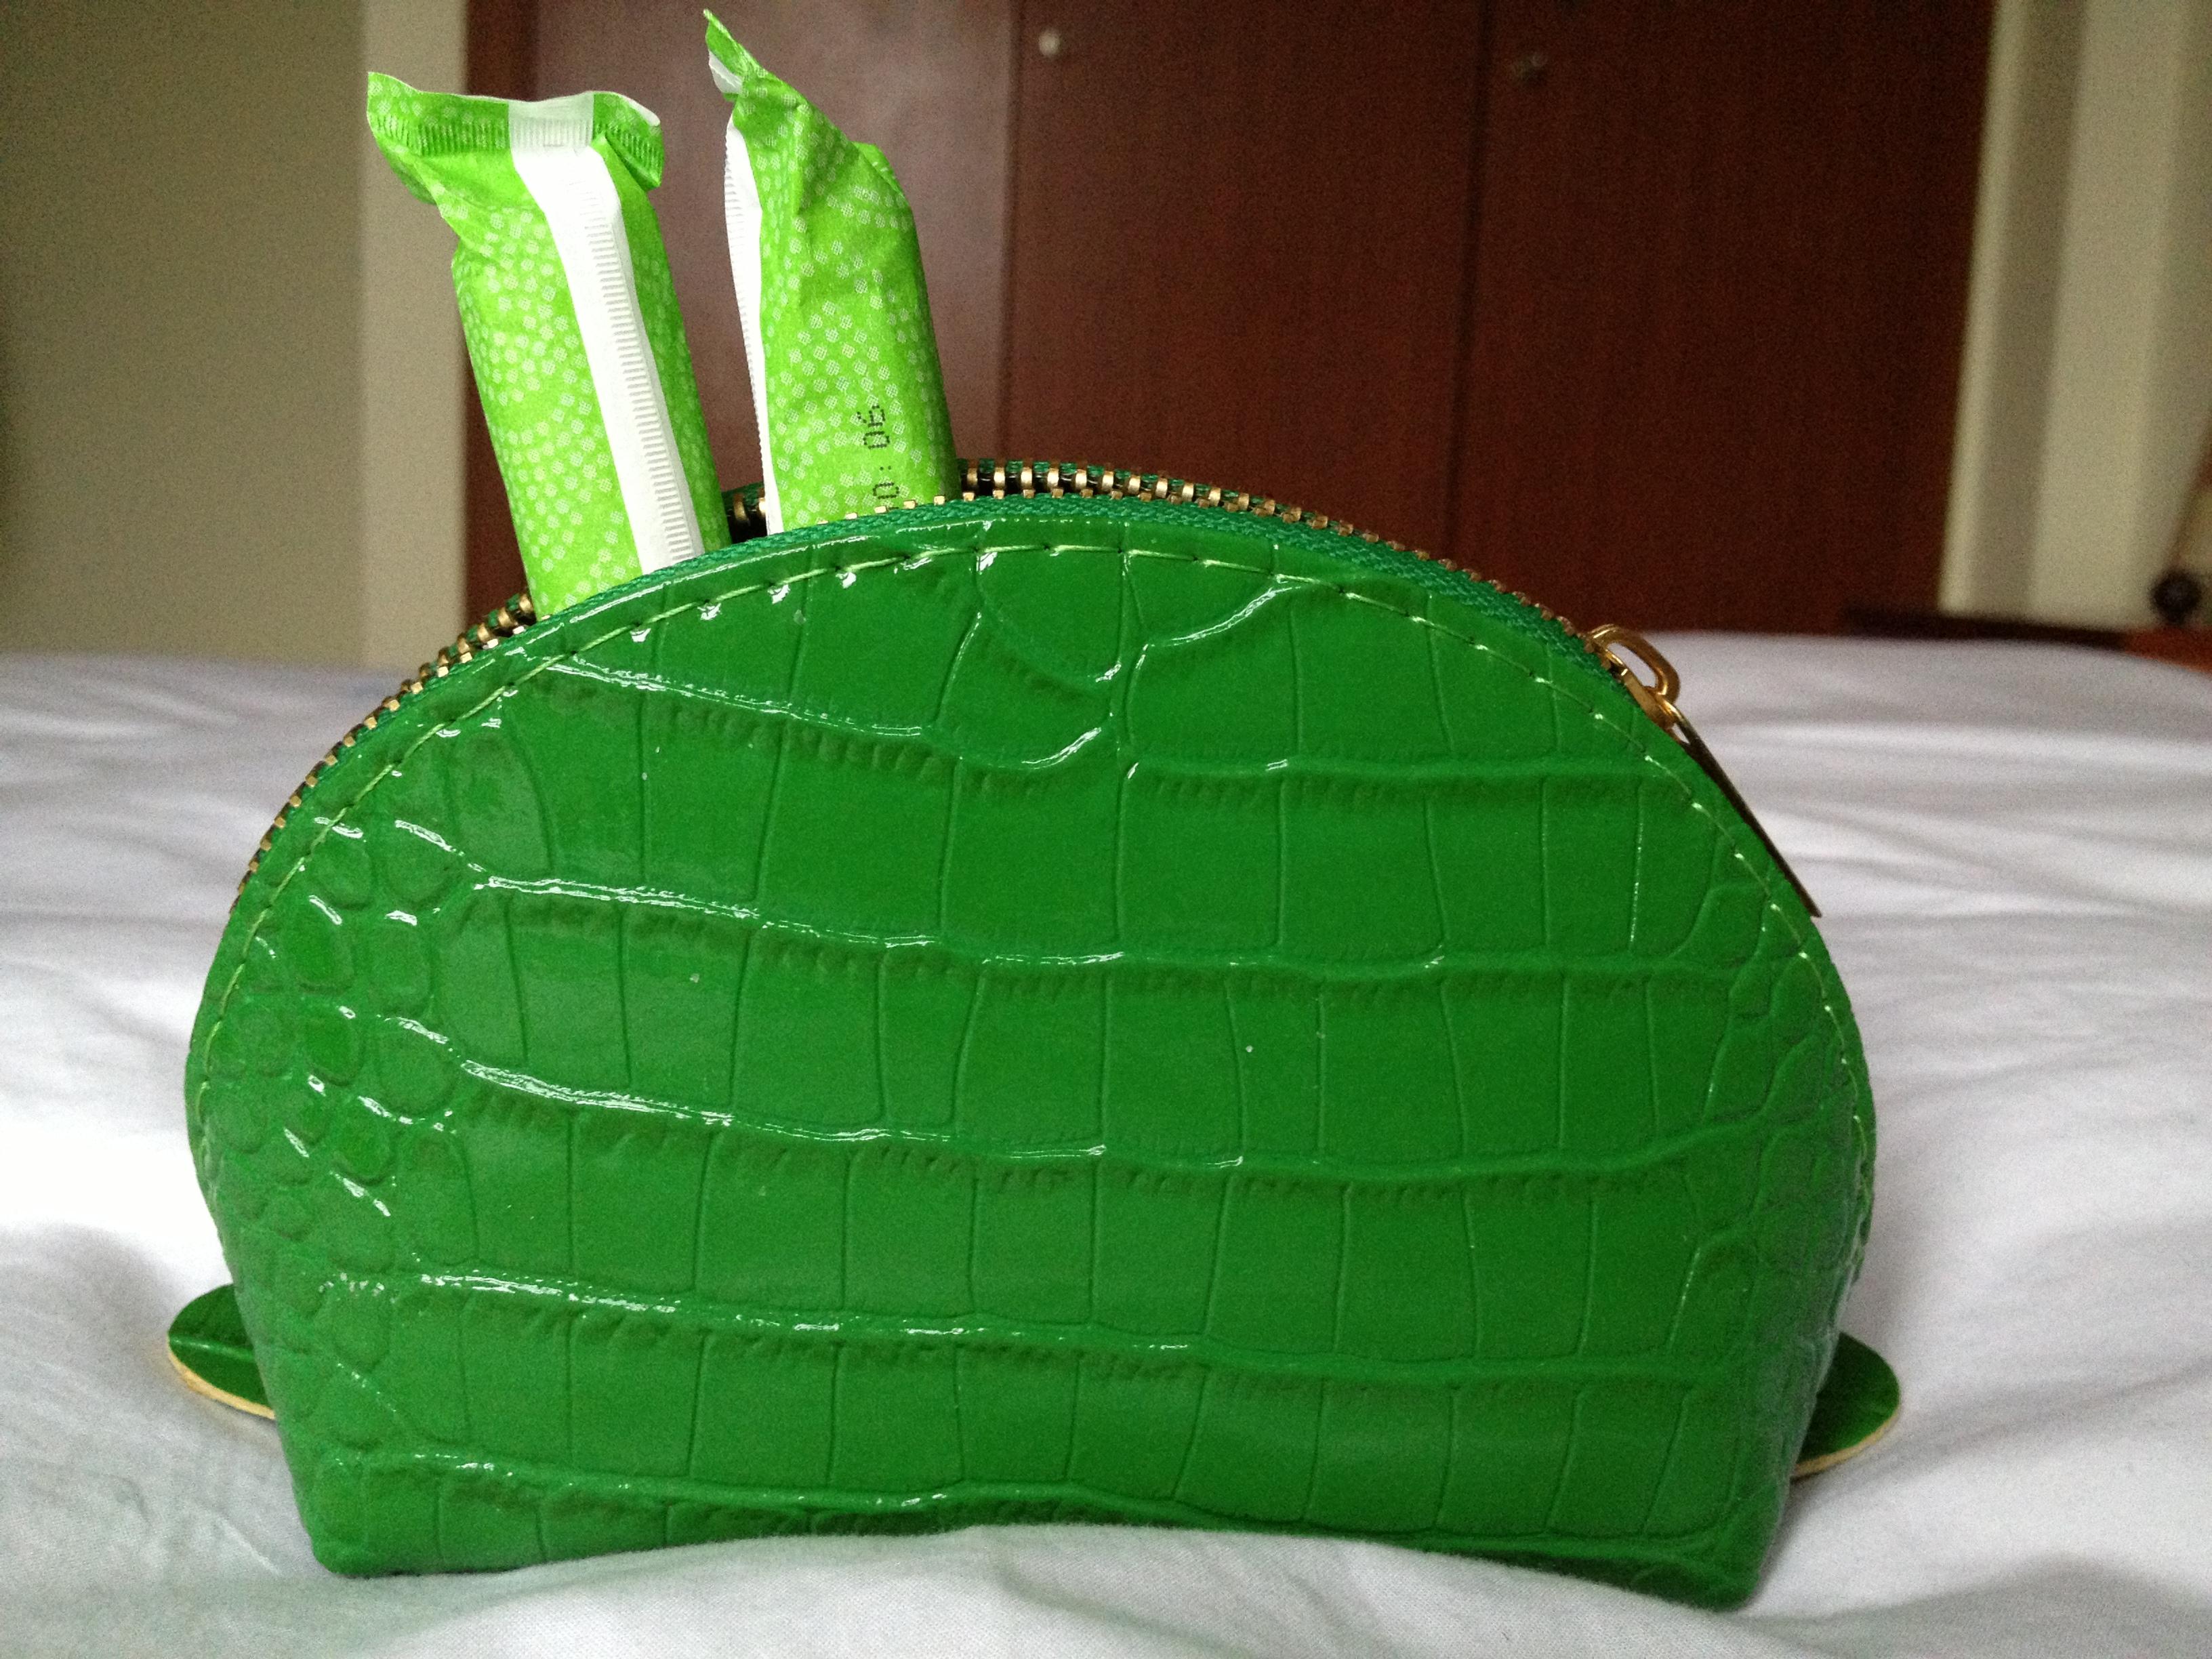 Regalo para tu novia por san valent n la reina del low cost - Ideas para un regalo original ...